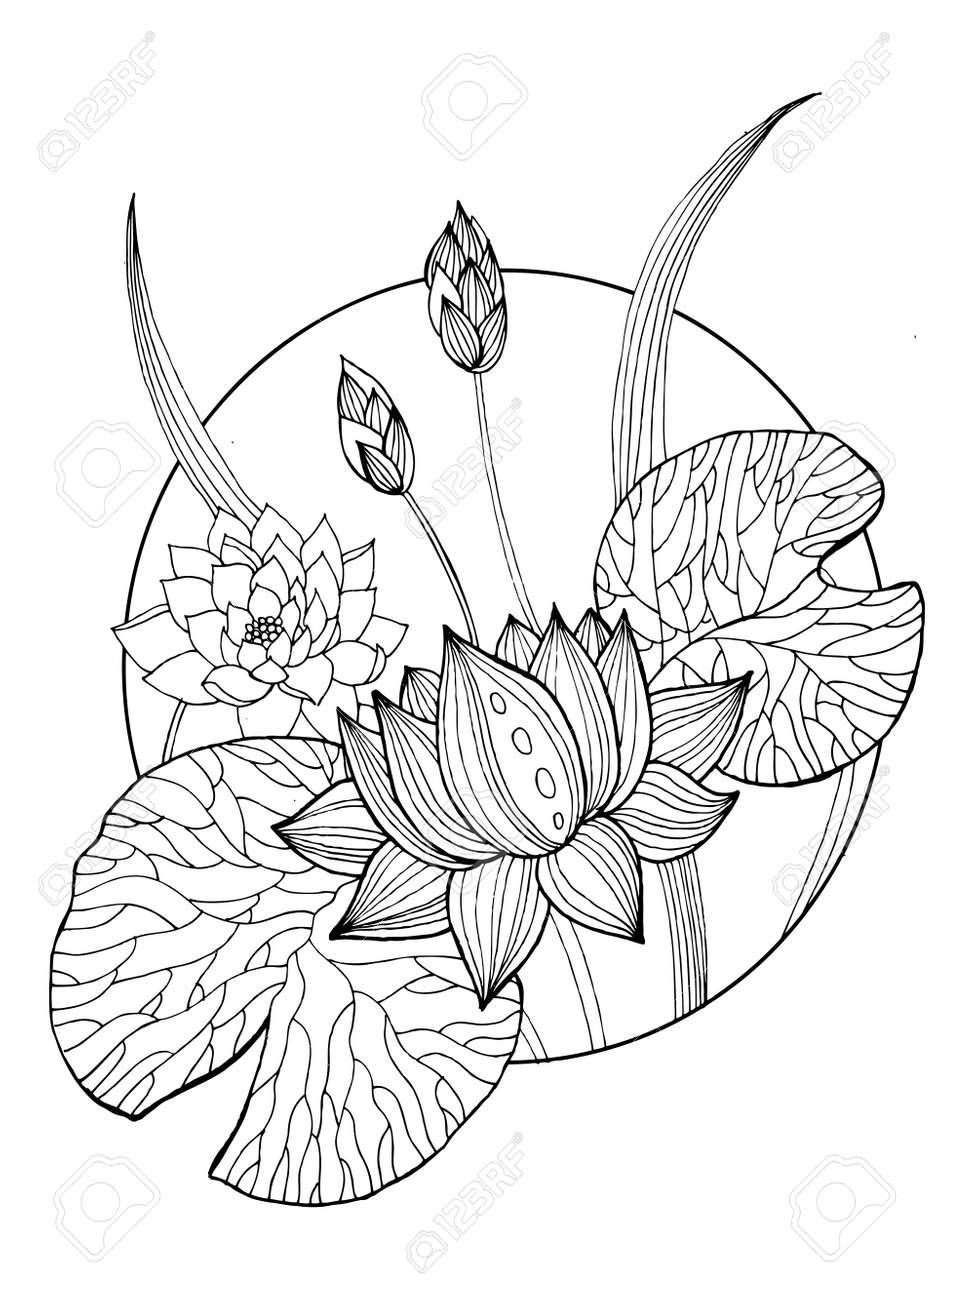 Flor De Loto Para Colorear Ilustración Vectorial Plantilla Del